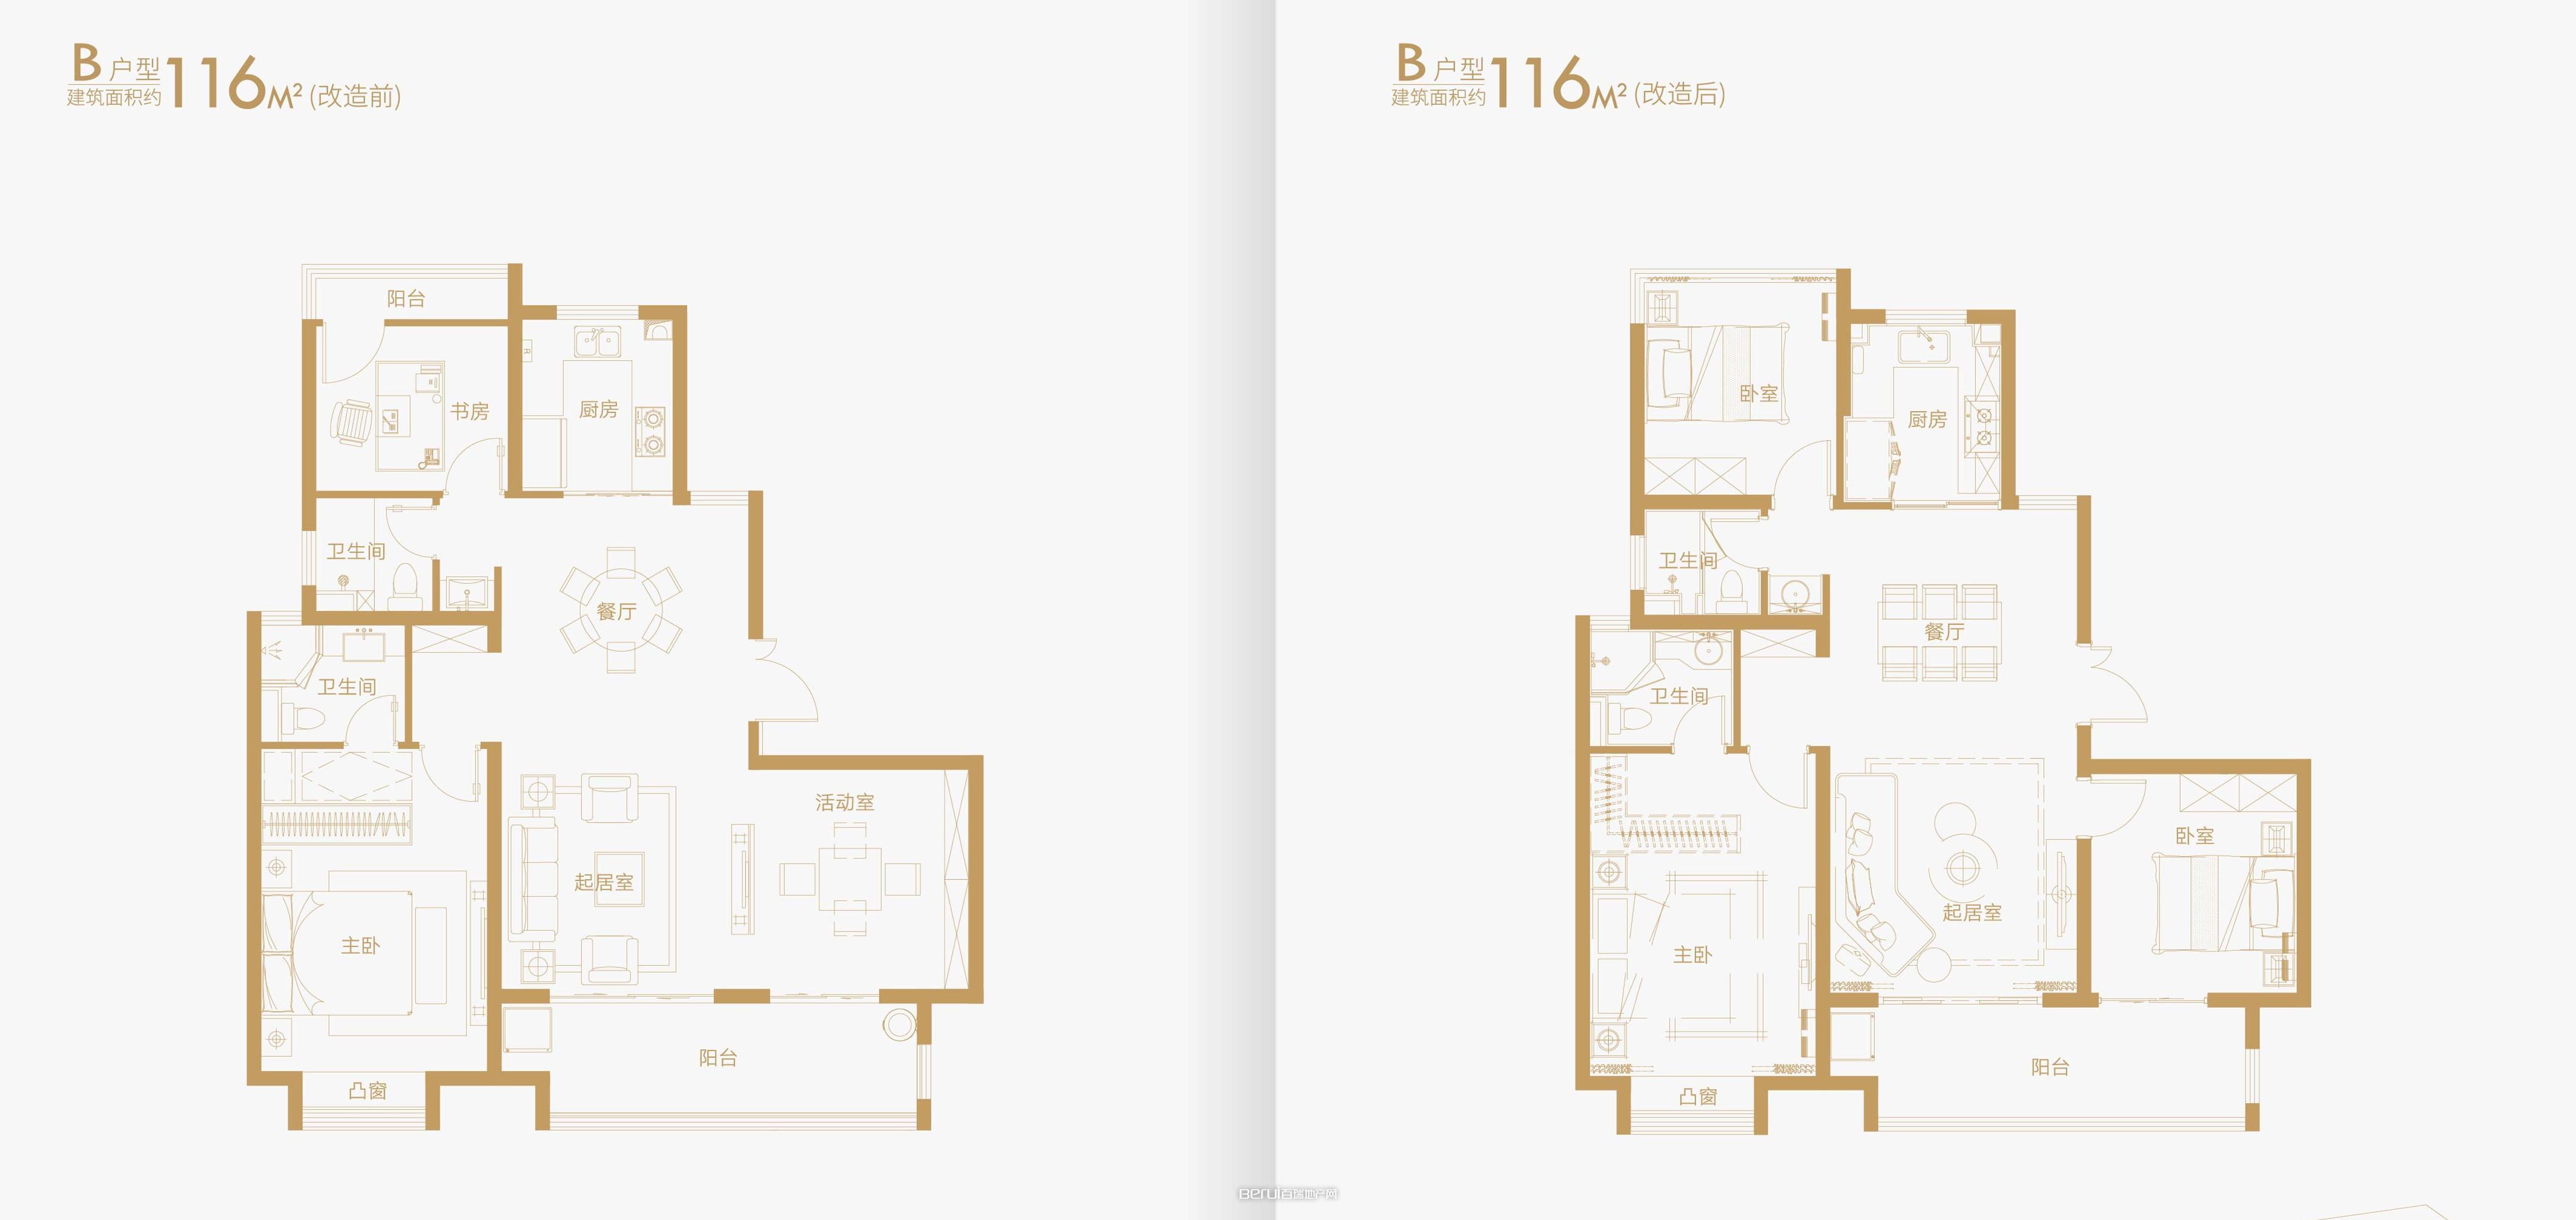 3室2厅2卫116㎡